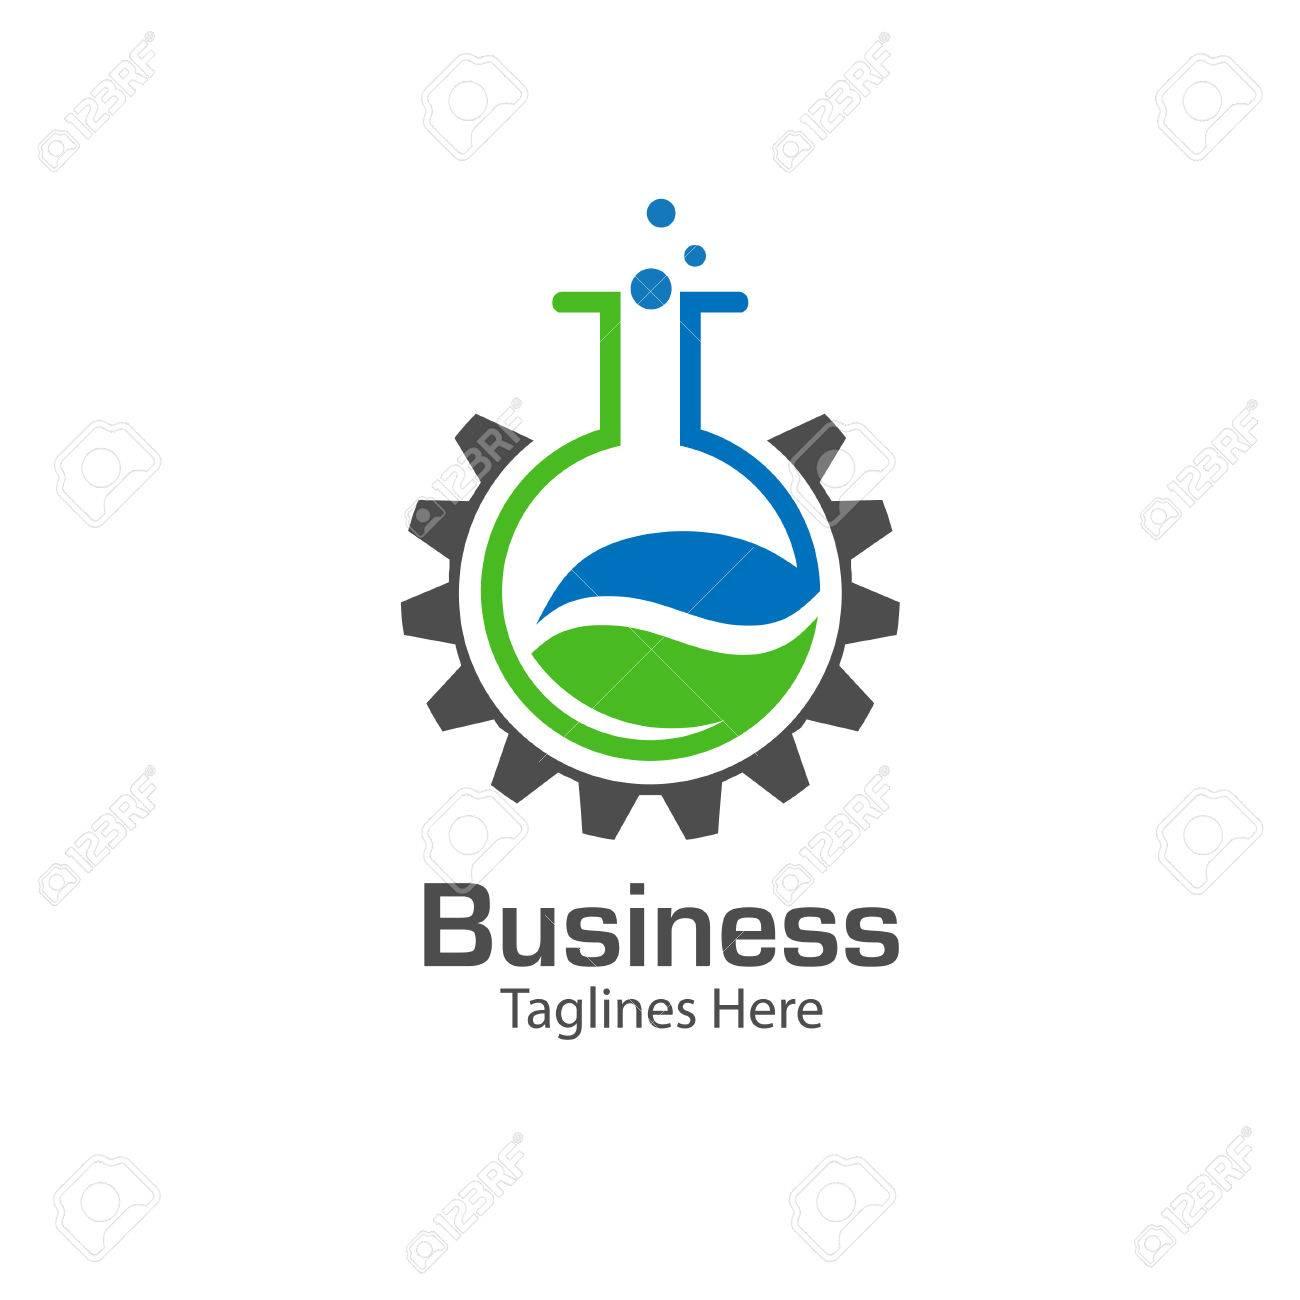 Logotipo De Laboratorio Con La Hoja Y El Símbolo De Engranaje, Tubo ...